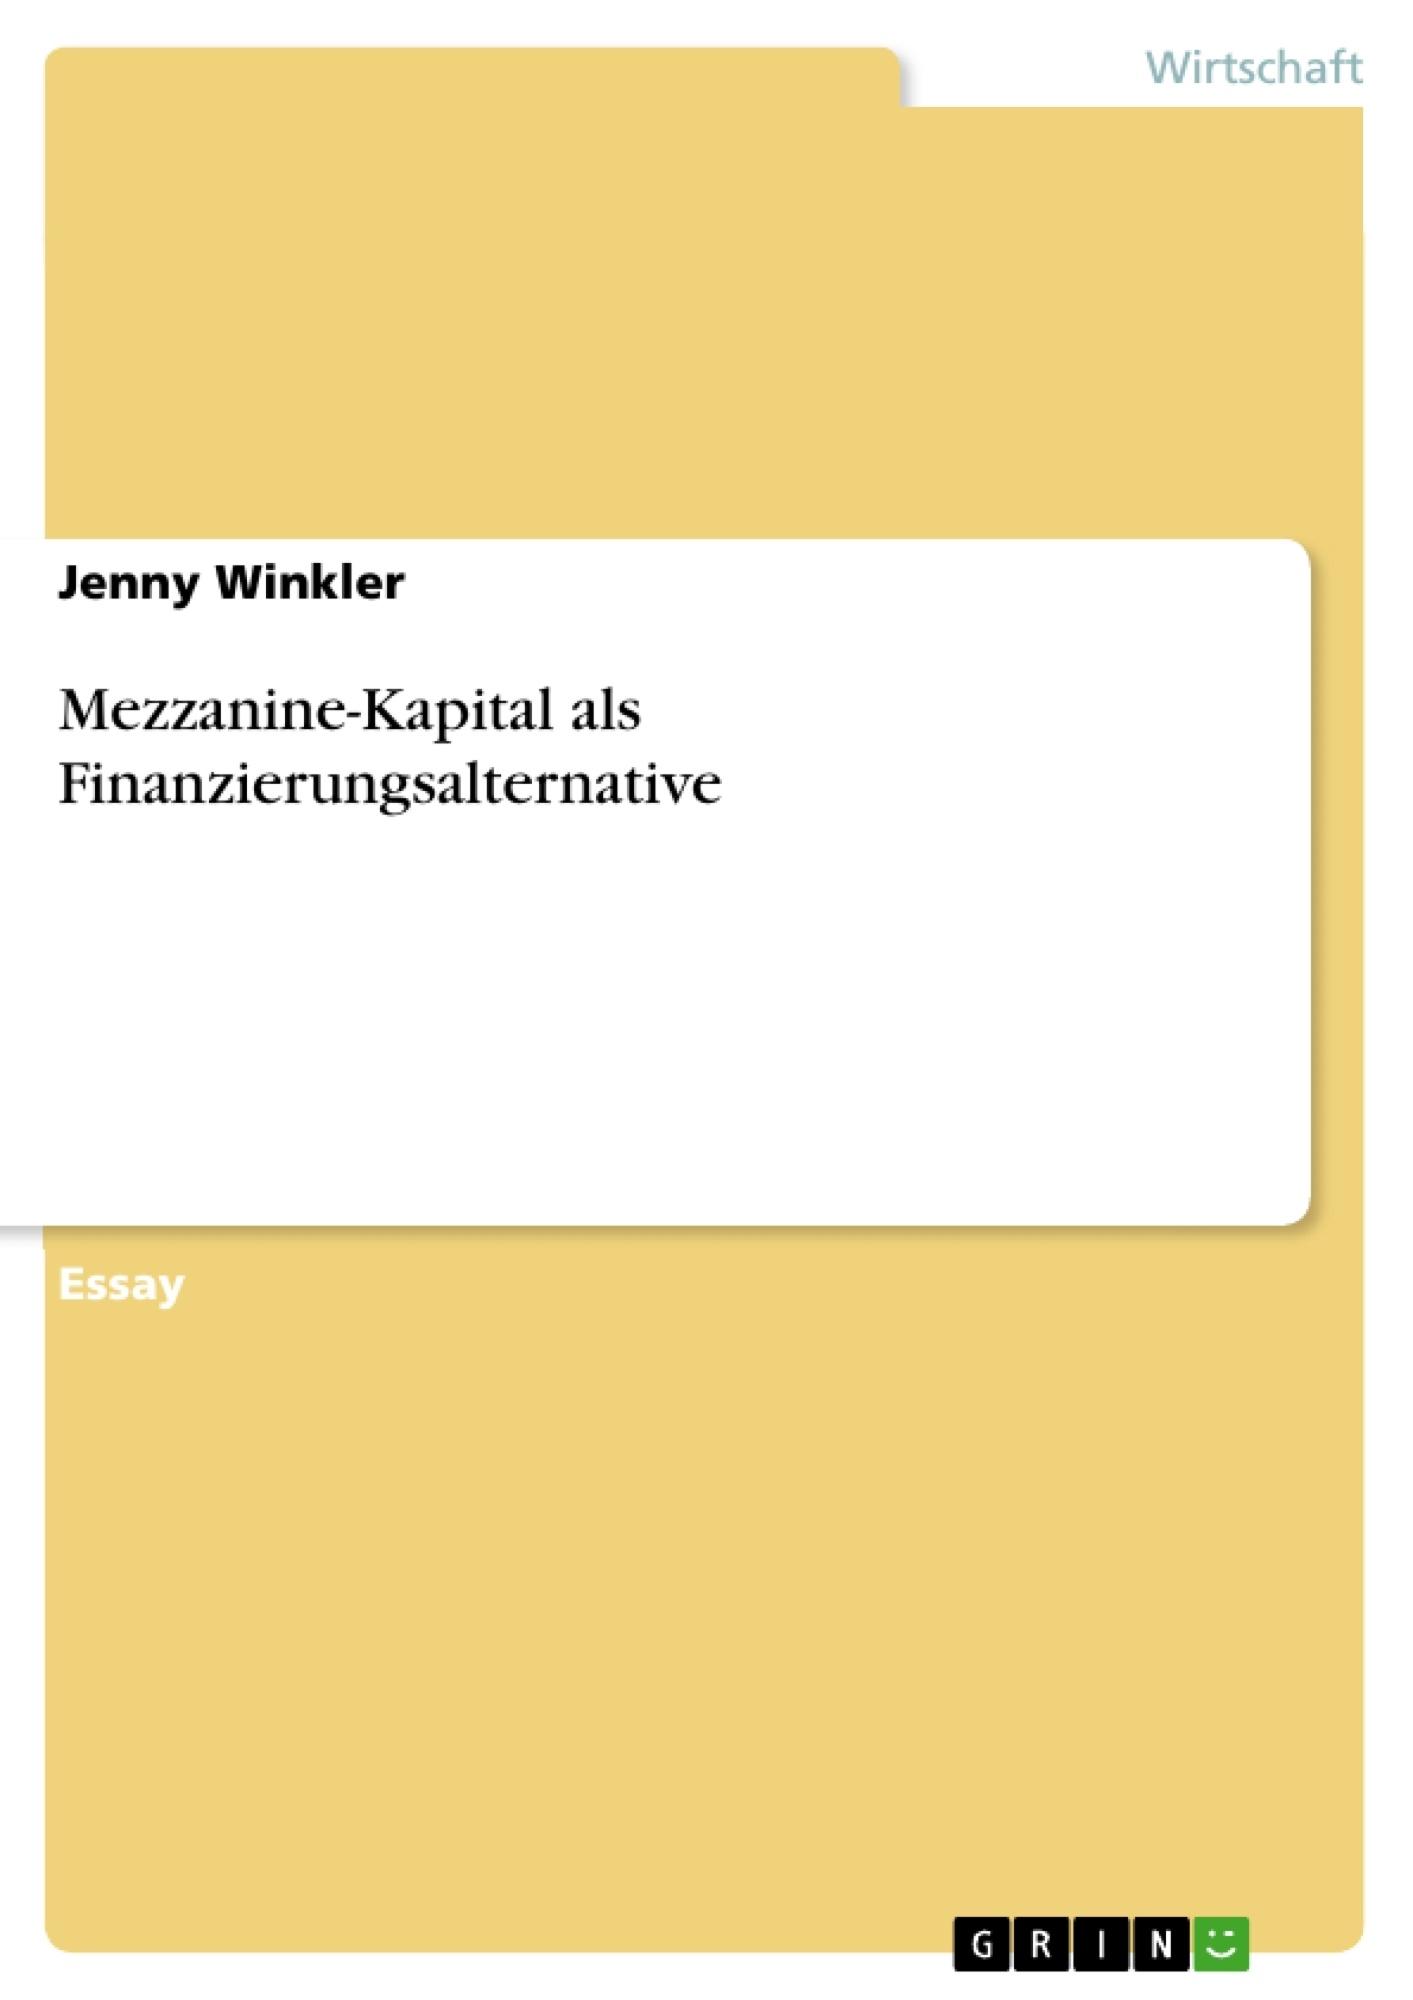 Titel: Mezzanine-Kapital als Finanzierungsalternative